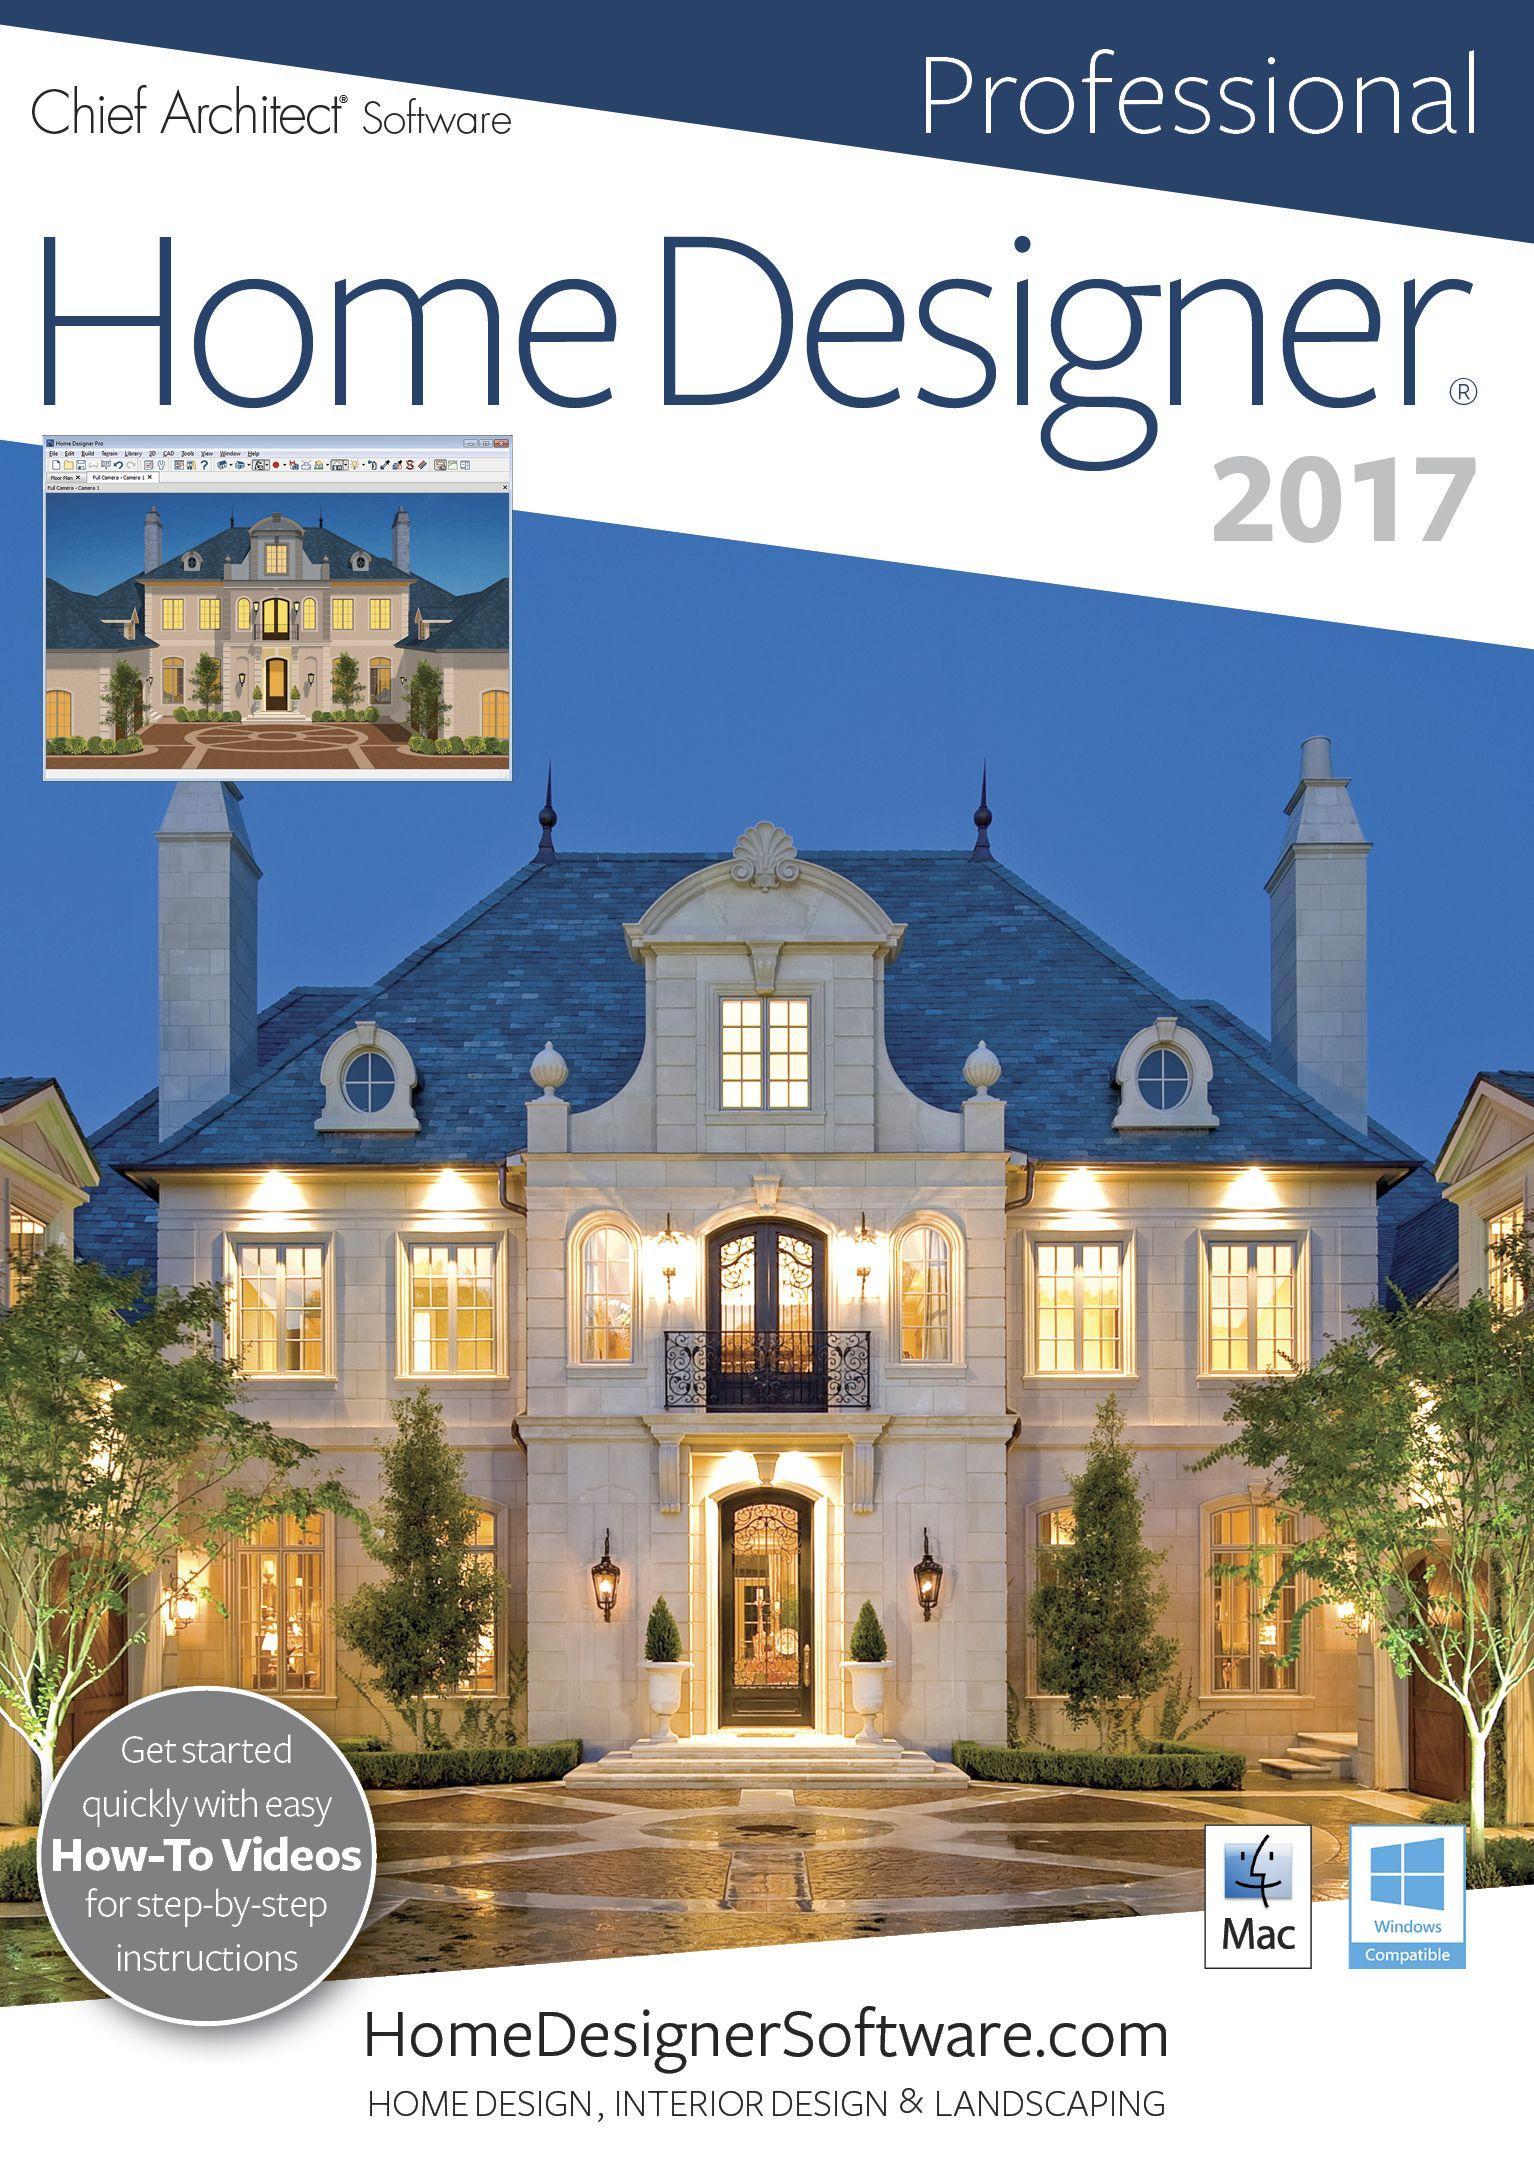 Home Designer Pro 2017 Mac Download Rumah Impian Dekorasi